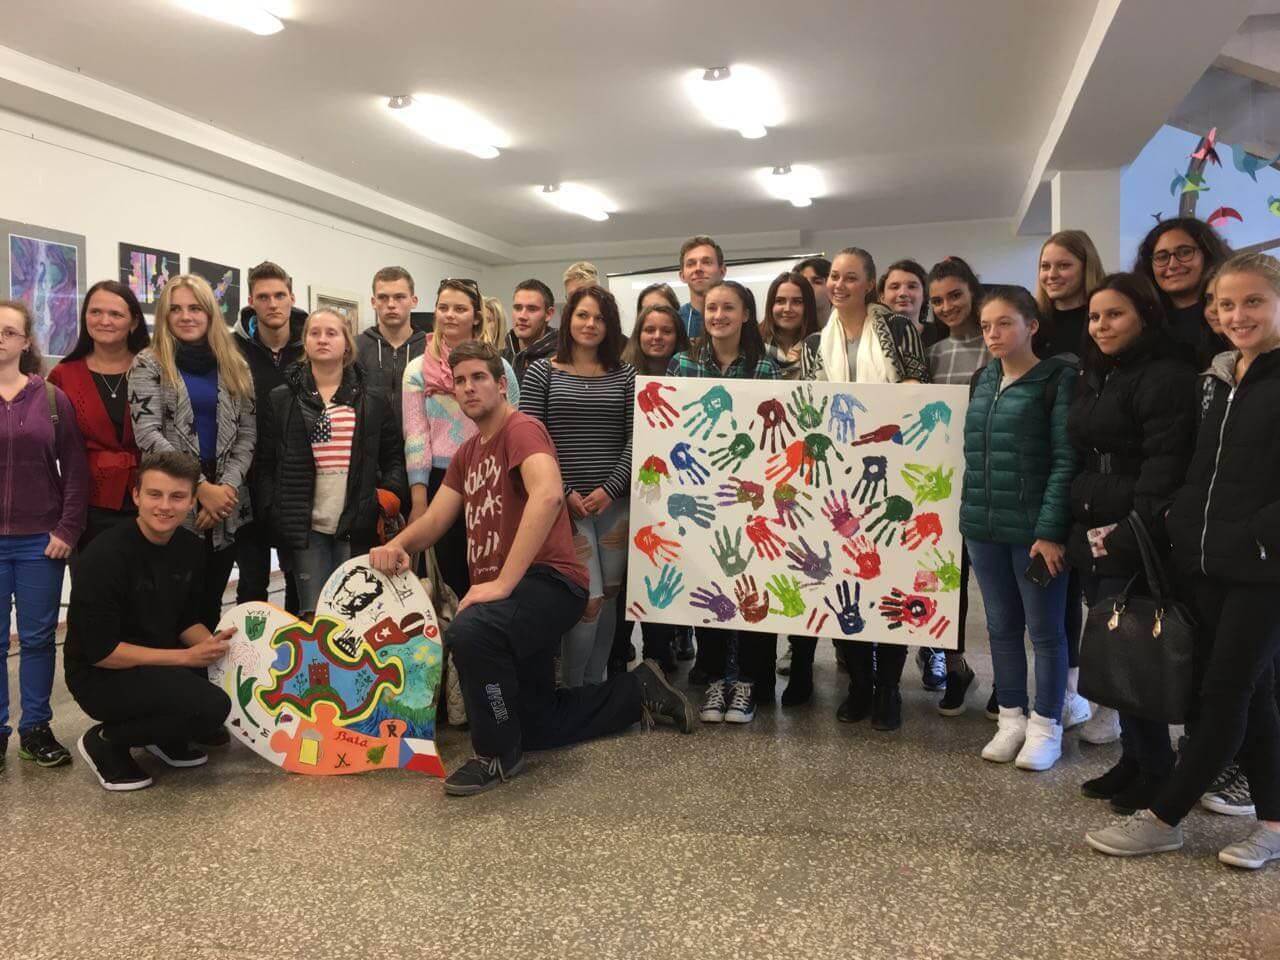 Erasmus Plus Proje Toplantısı'na Katılan Öğrencilerimiz 4. Günde Litvanya'nın Kedainai Şehrindeydiler